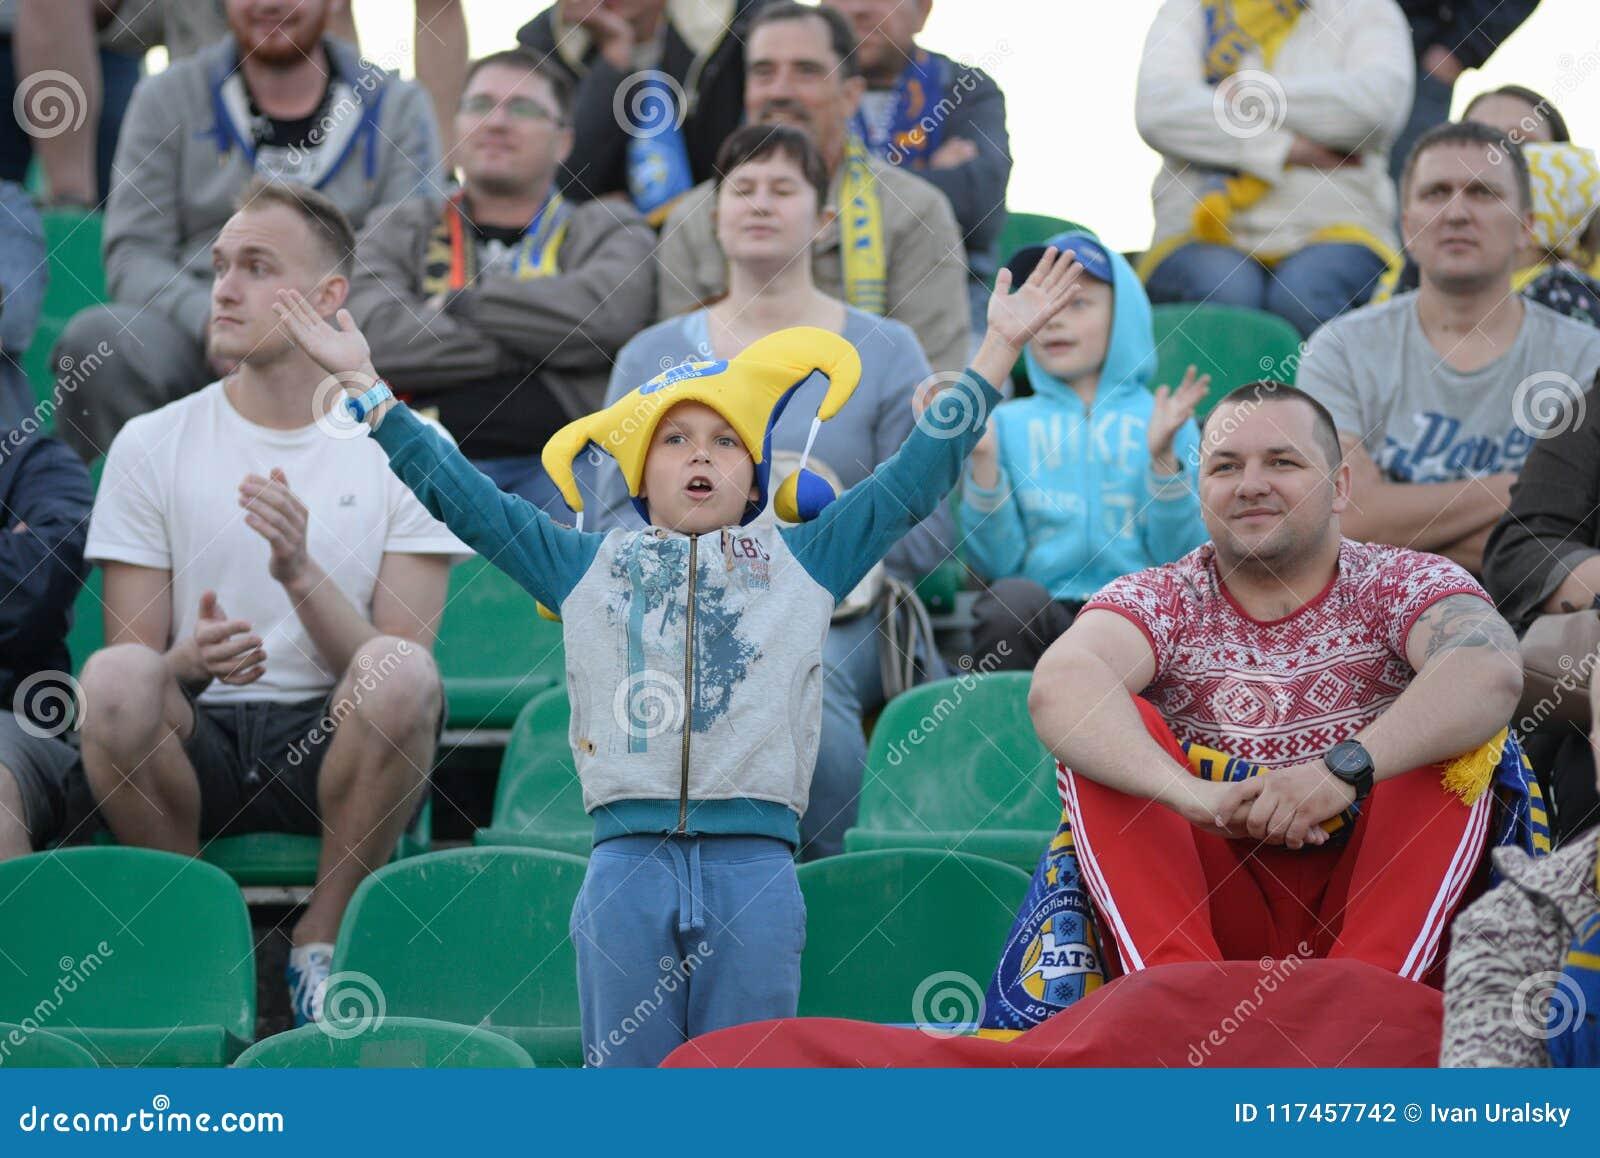 MINSK, BELARUS - MAY 23, 2018: Little fan having fun during the Belarusian Premier League football match between FC Dynamo Minsk a